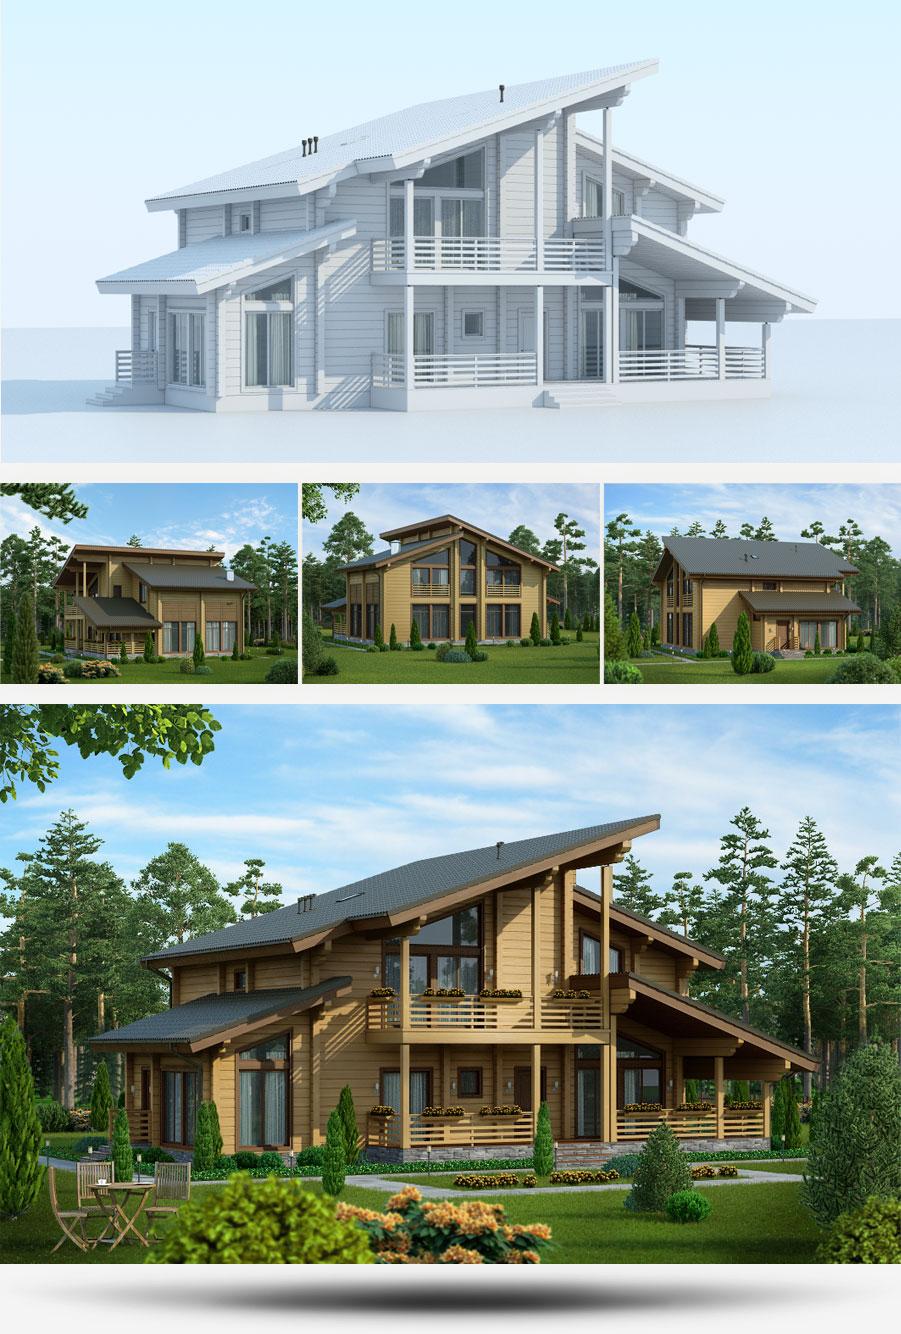 Создание 3D-моделей проектов домов строительной компании «Русь» - 1